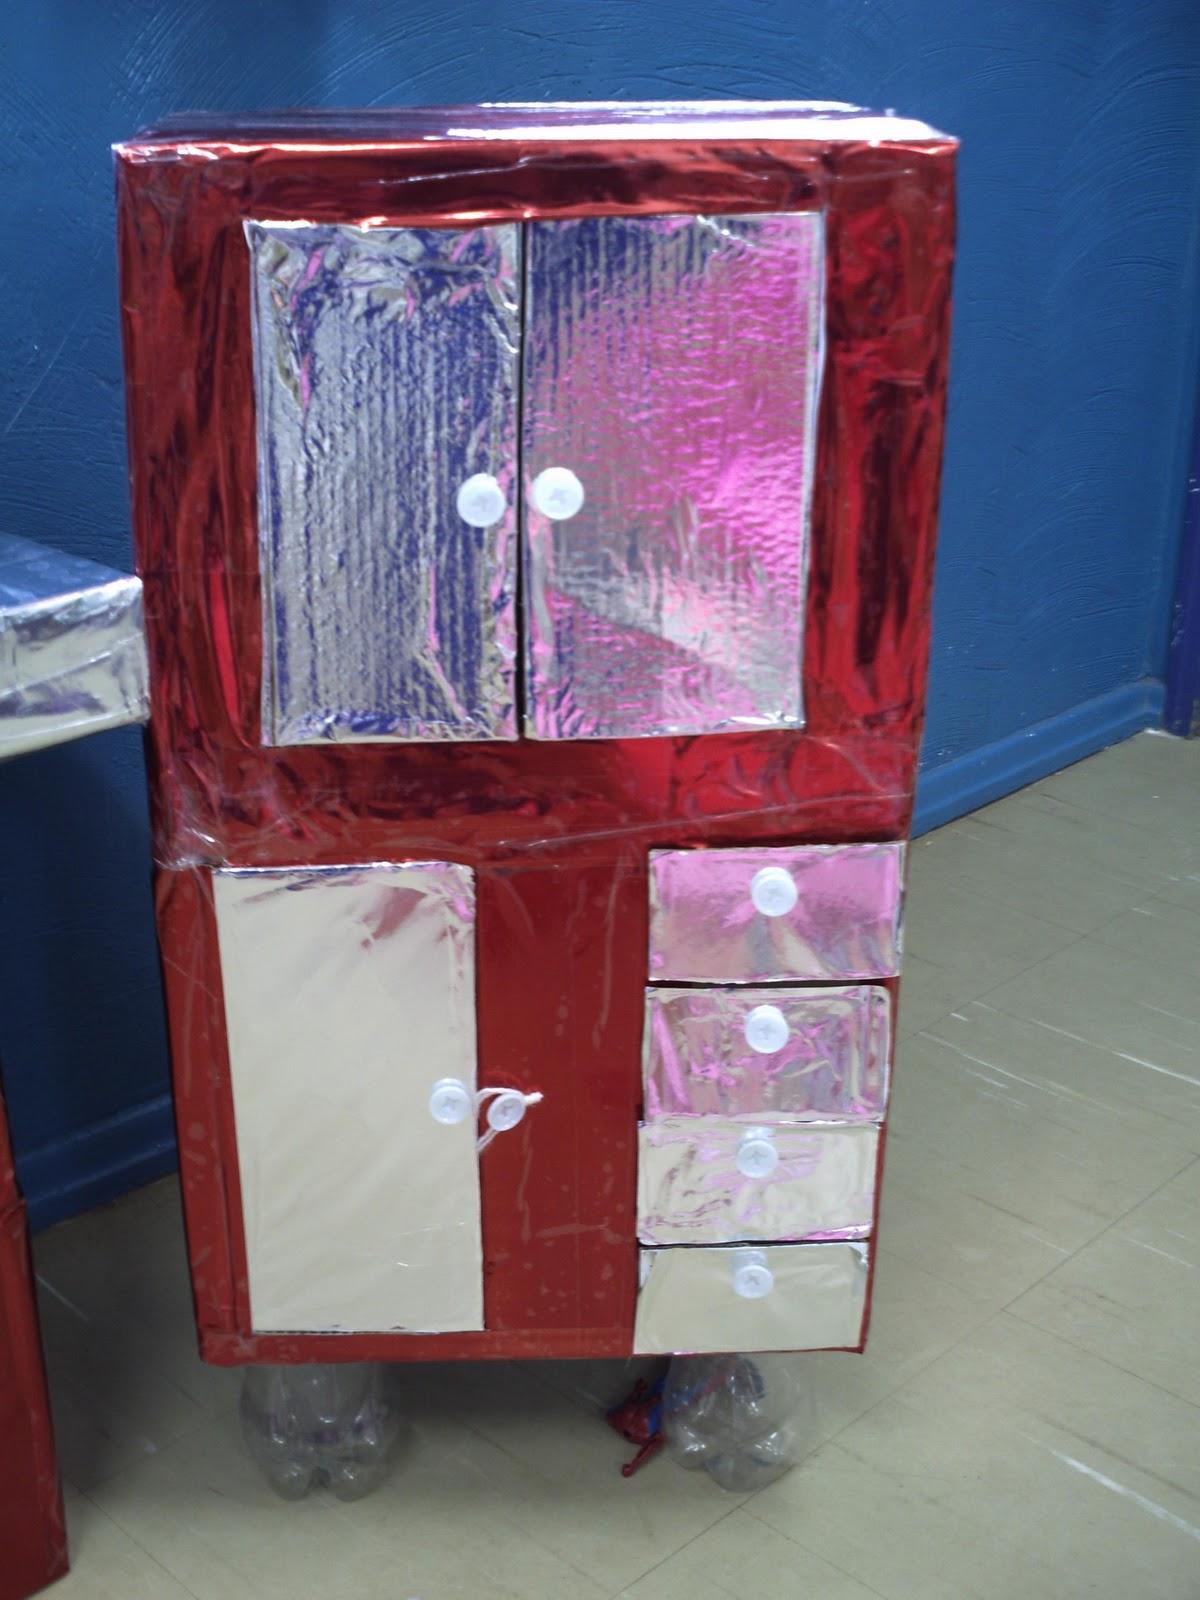 #264A7E armario feito de caixa de leite e caixa de papelão 1200x1600 px Projeto Armario De Cozinha Passo A Passo_4006 Imagens